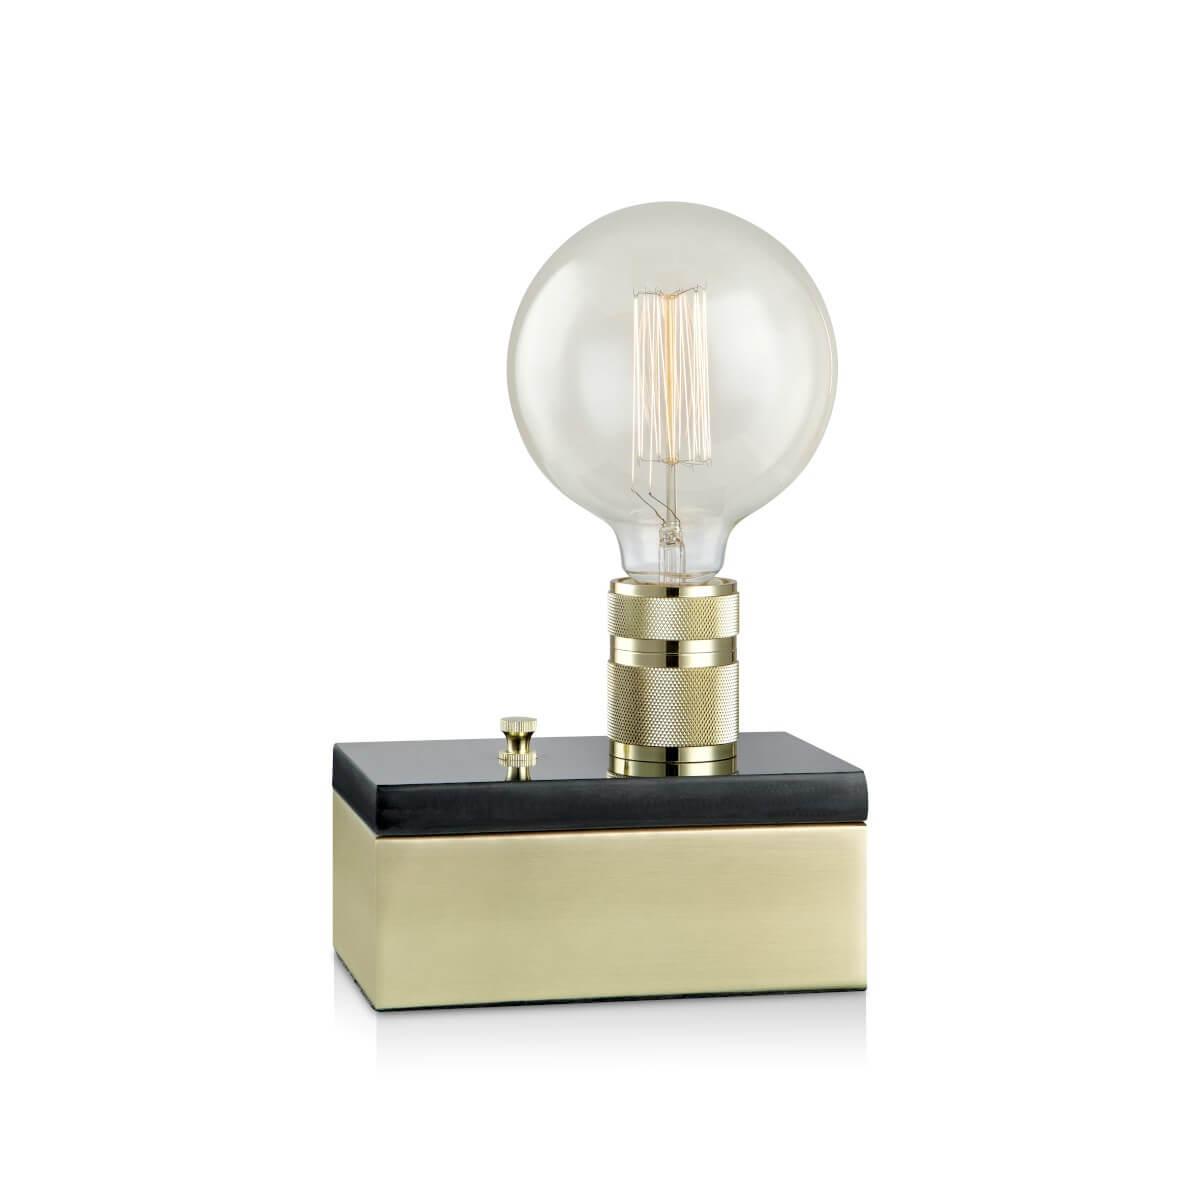 ETUI Bordslampa 1L 15cm Marmor MässingSvart